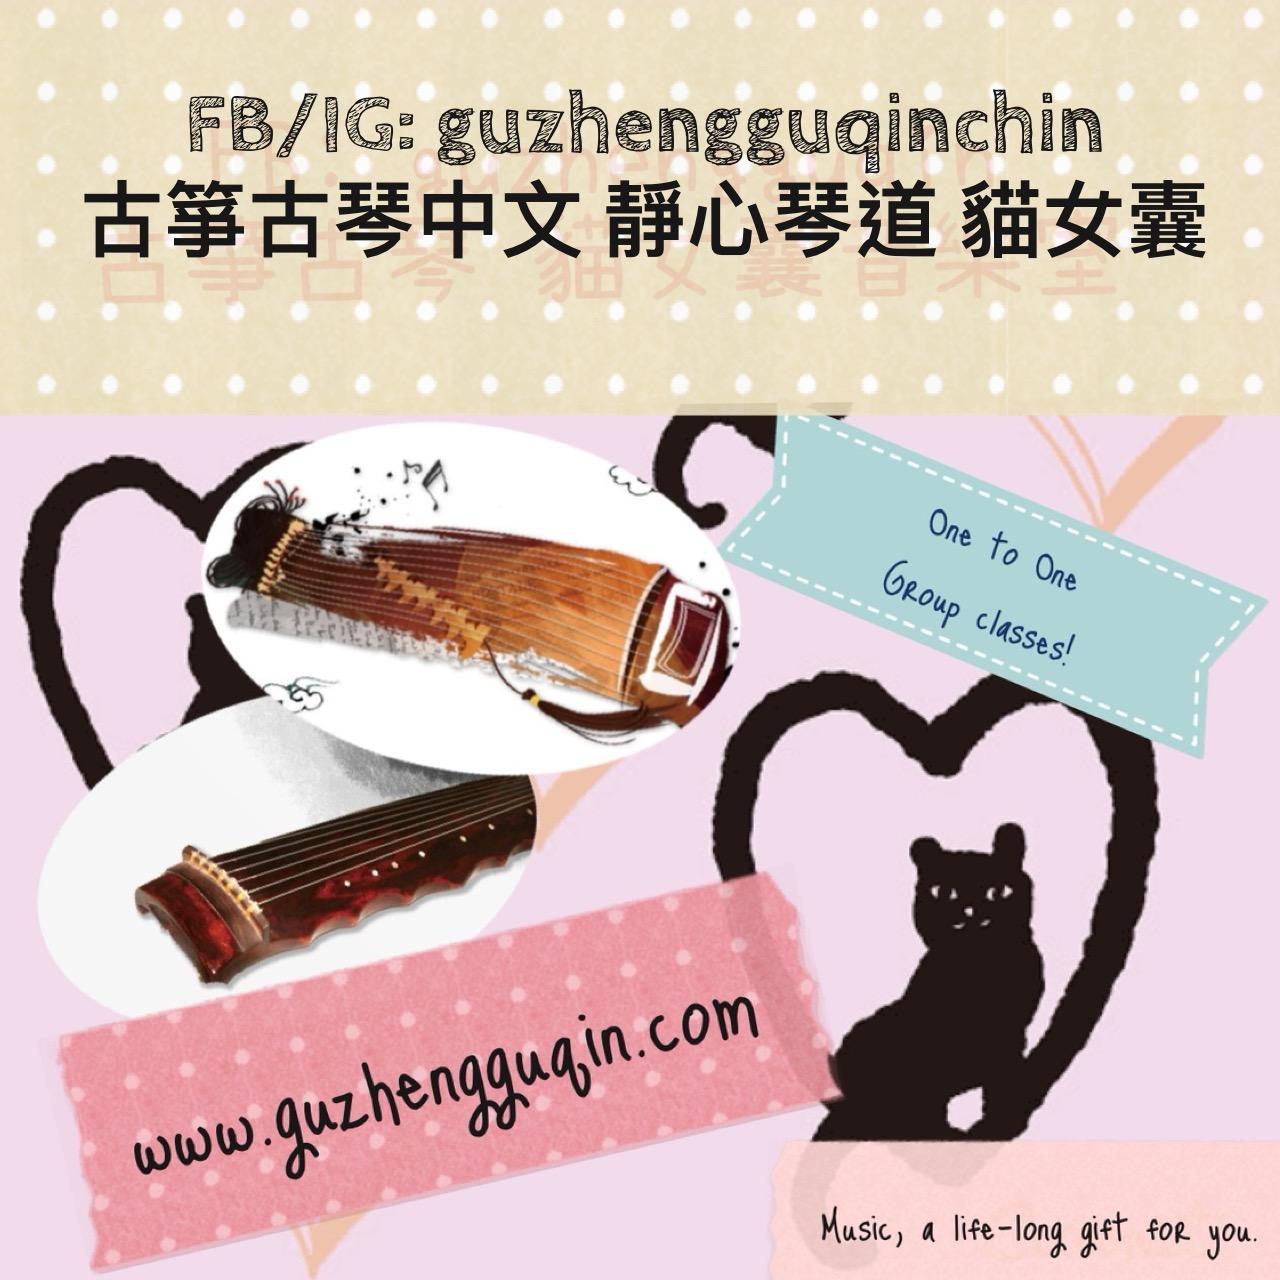 guzhengguqinchin